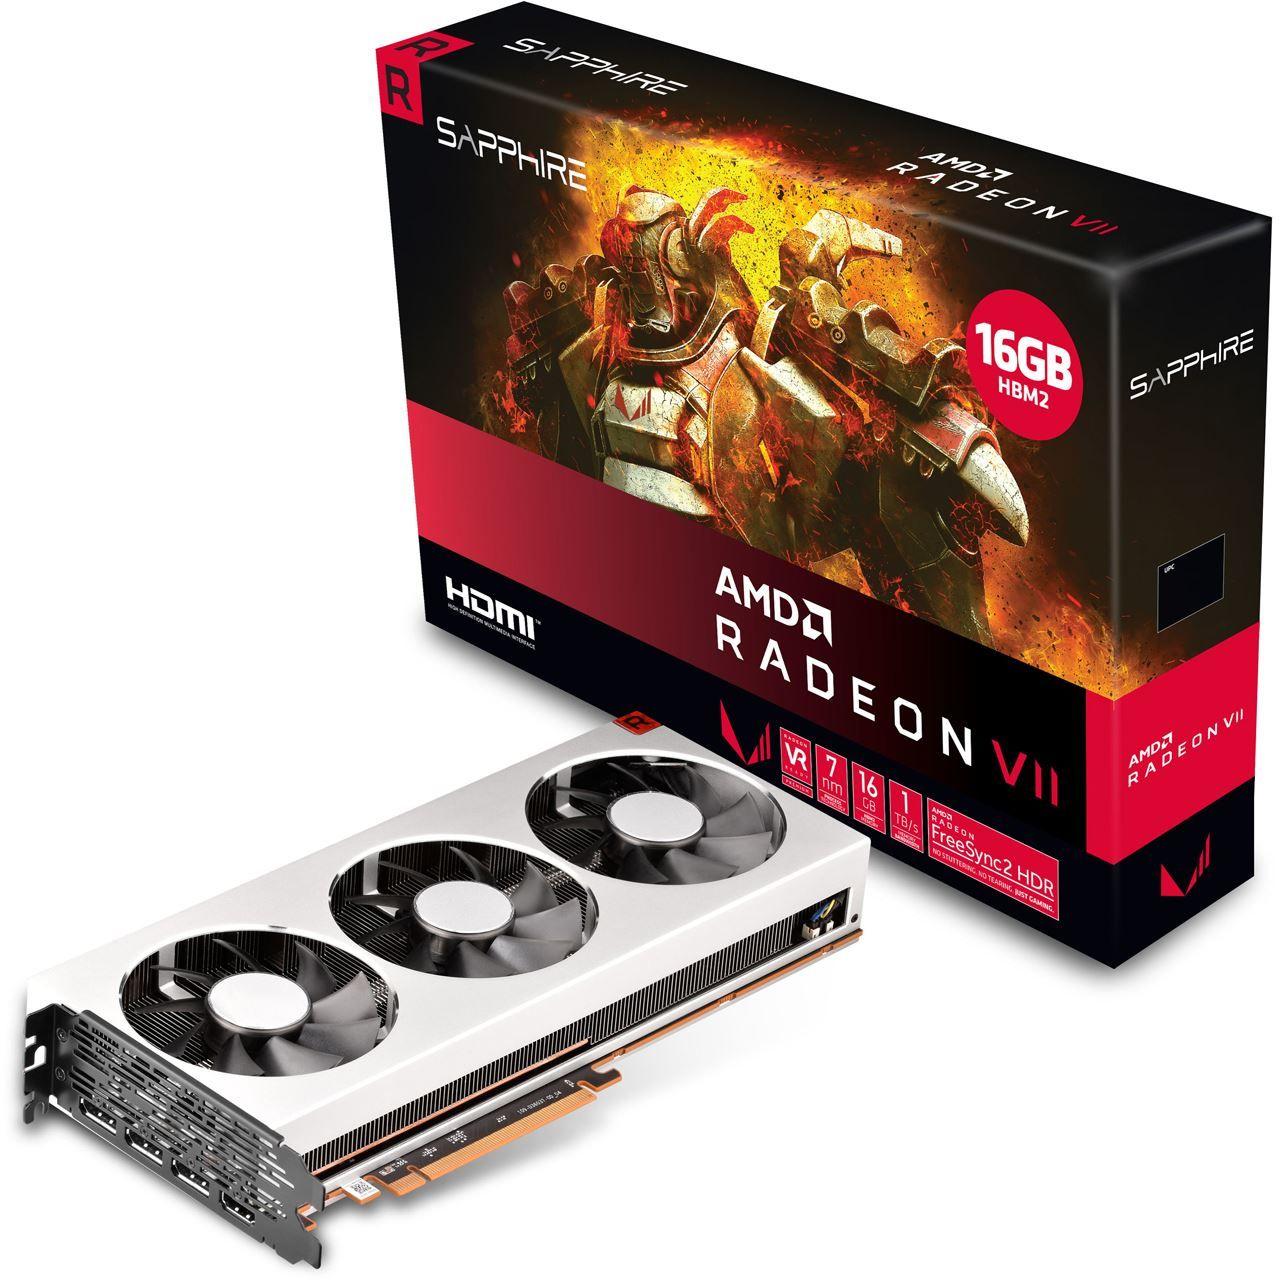 16GB Sapphire Radeon VII Aktiv PCIe 3.0 x16 (Full Retail)